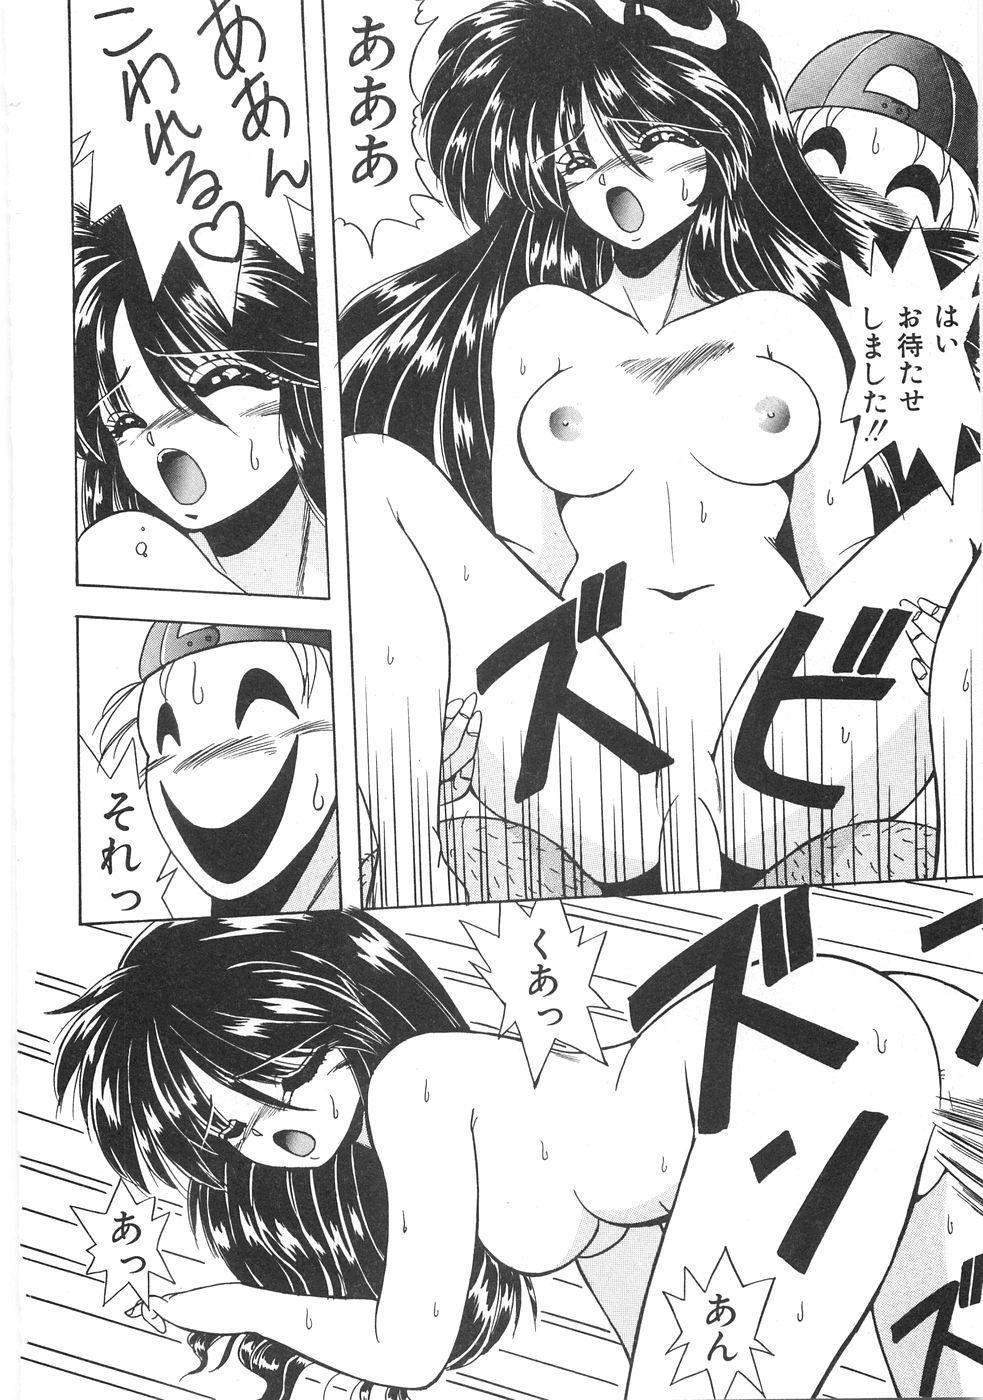 Seifuku Zukan Tenshi no Mitsugi 277